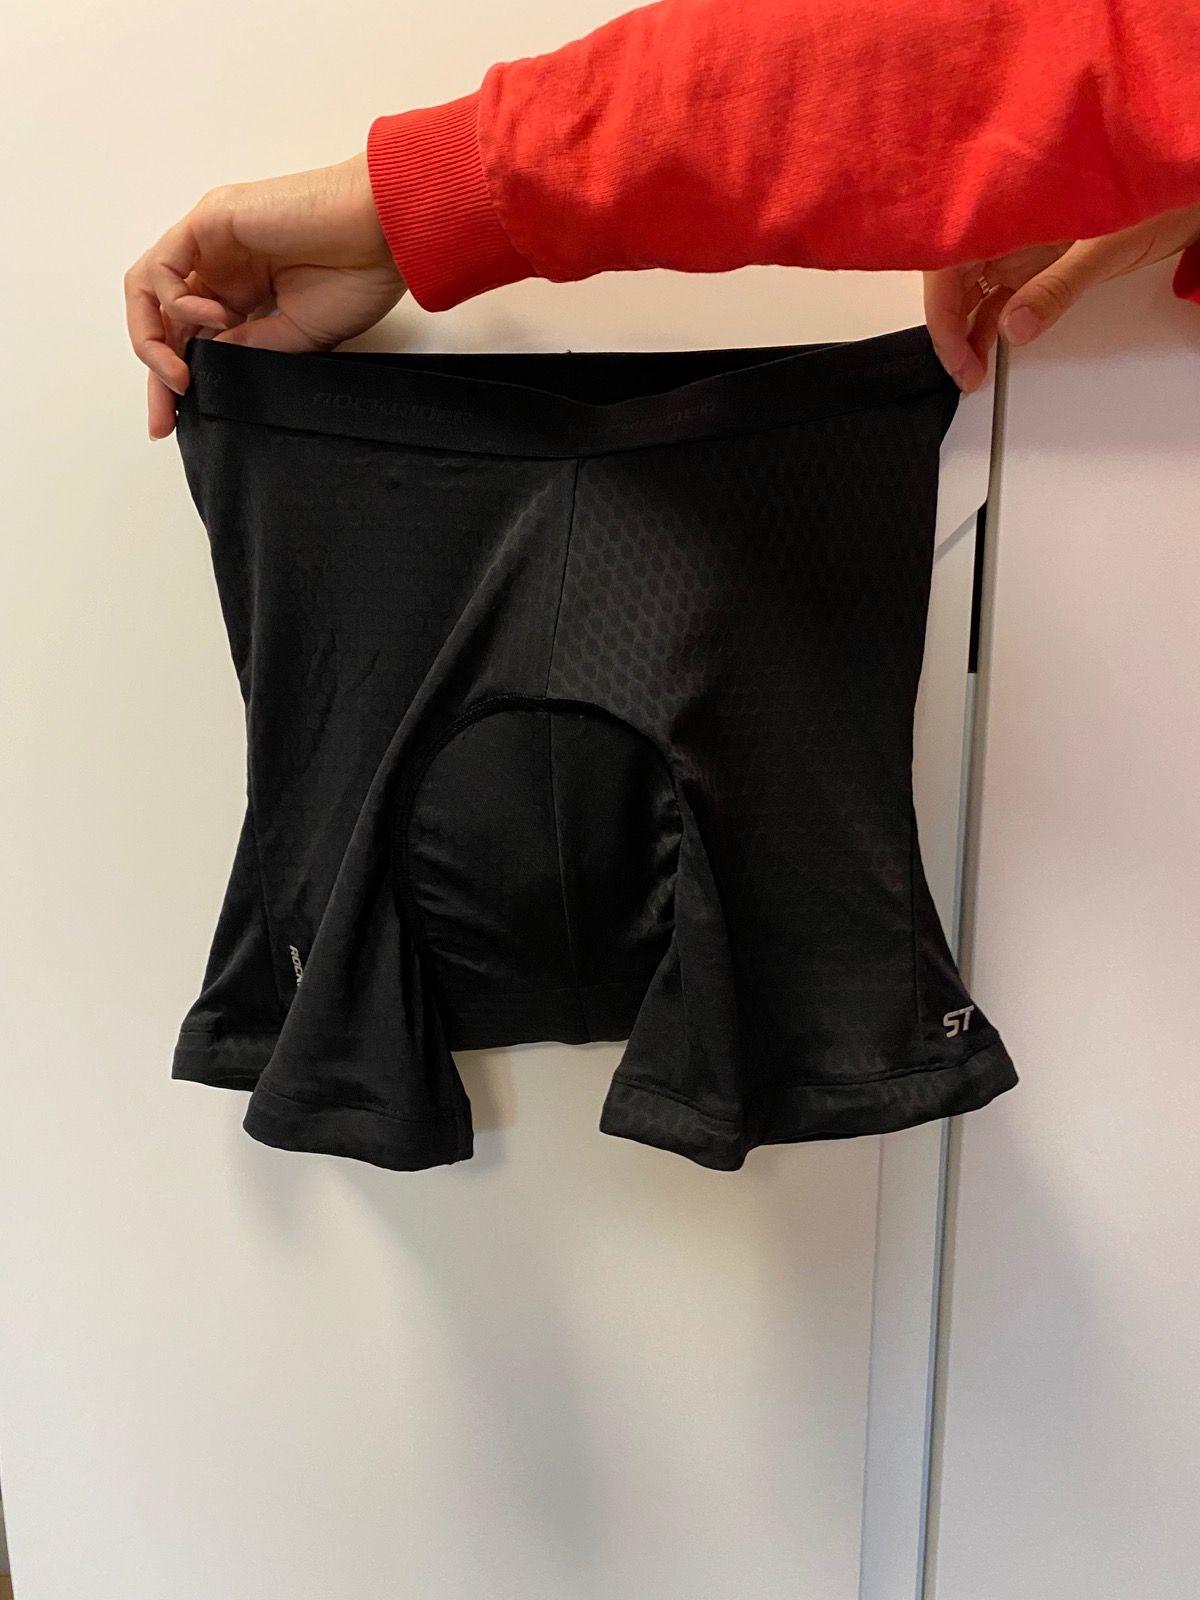 Велоштаны без лямок + велотрусы (трусы одеваются под шорты) decathlon